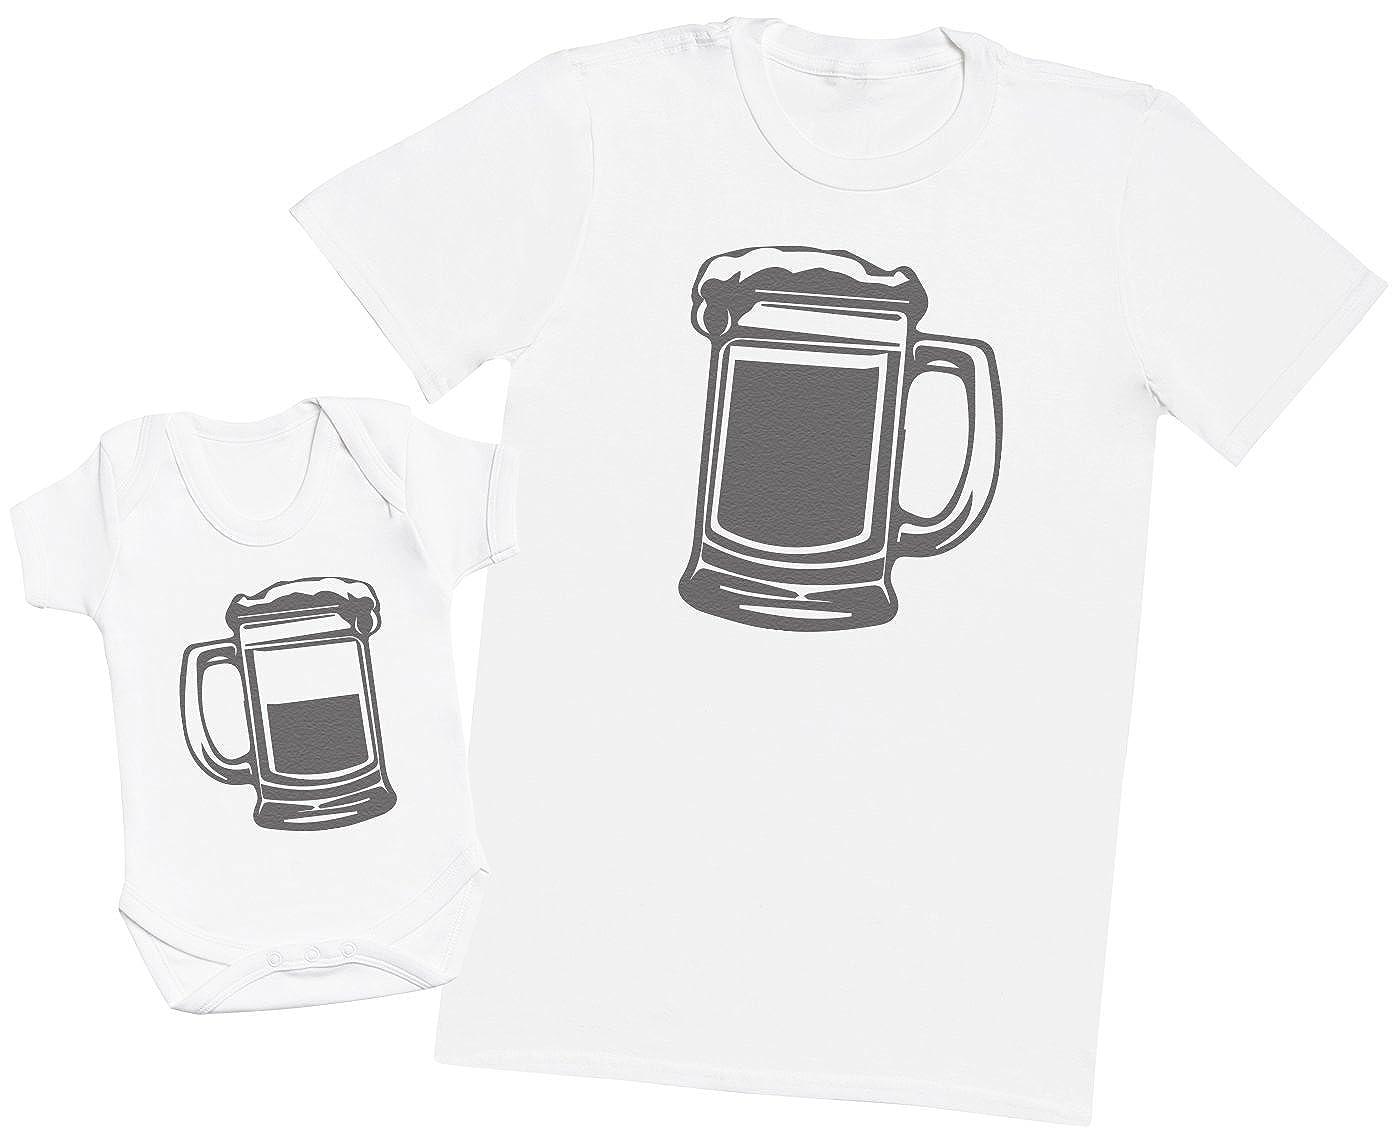 Hommes T-Shirt /& Body b/éb/é Ensemble P/ère B/éb/é Cadeau Zarlivia Clothing Dad Pint and Baby Half Pint